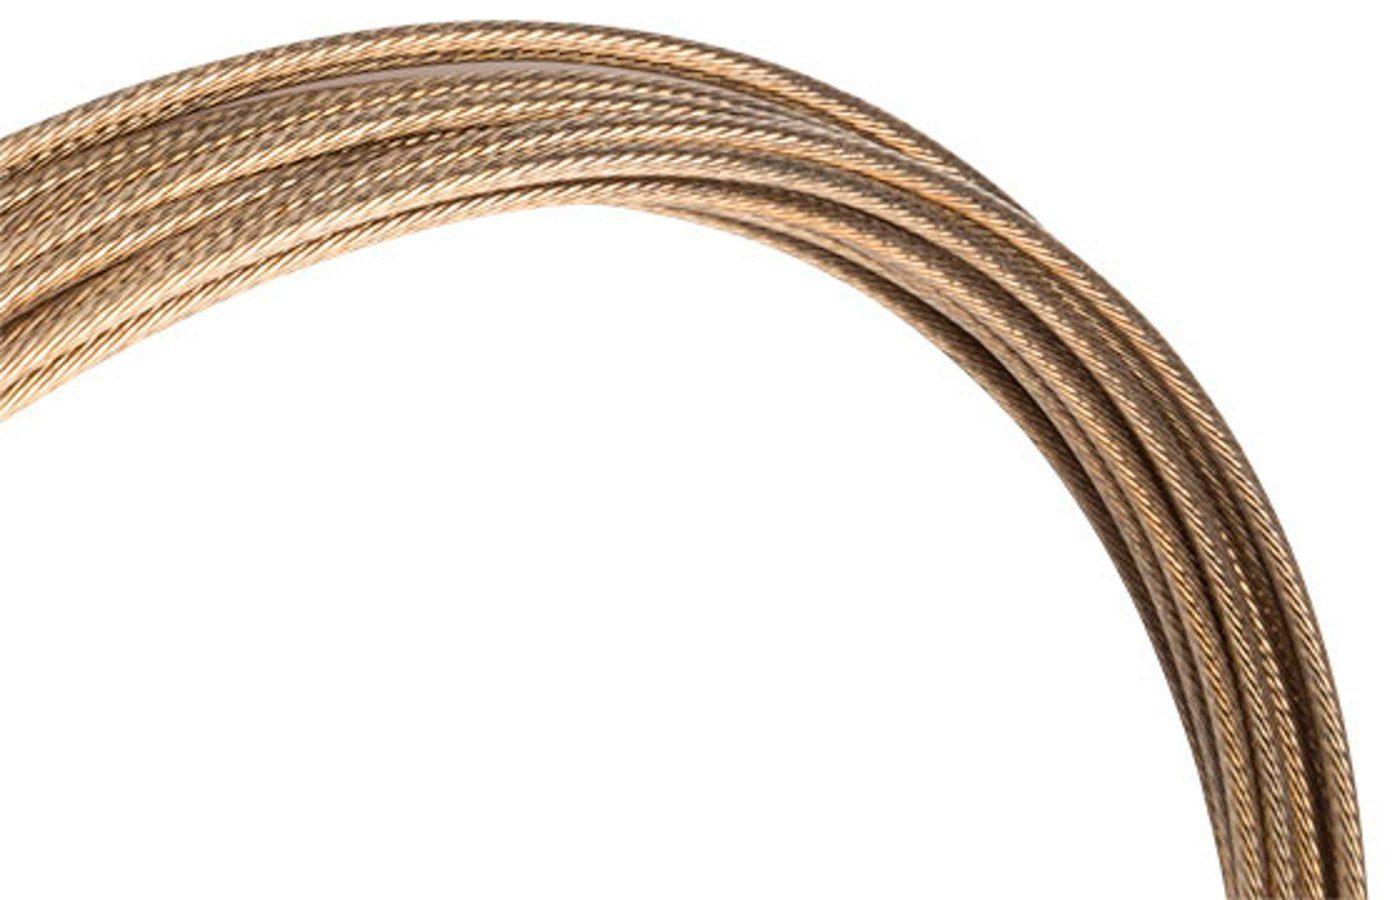 Jagwire Schaltung »Jagwire Pro Slick Schaltzug f. SRAM/Shimano 3100«